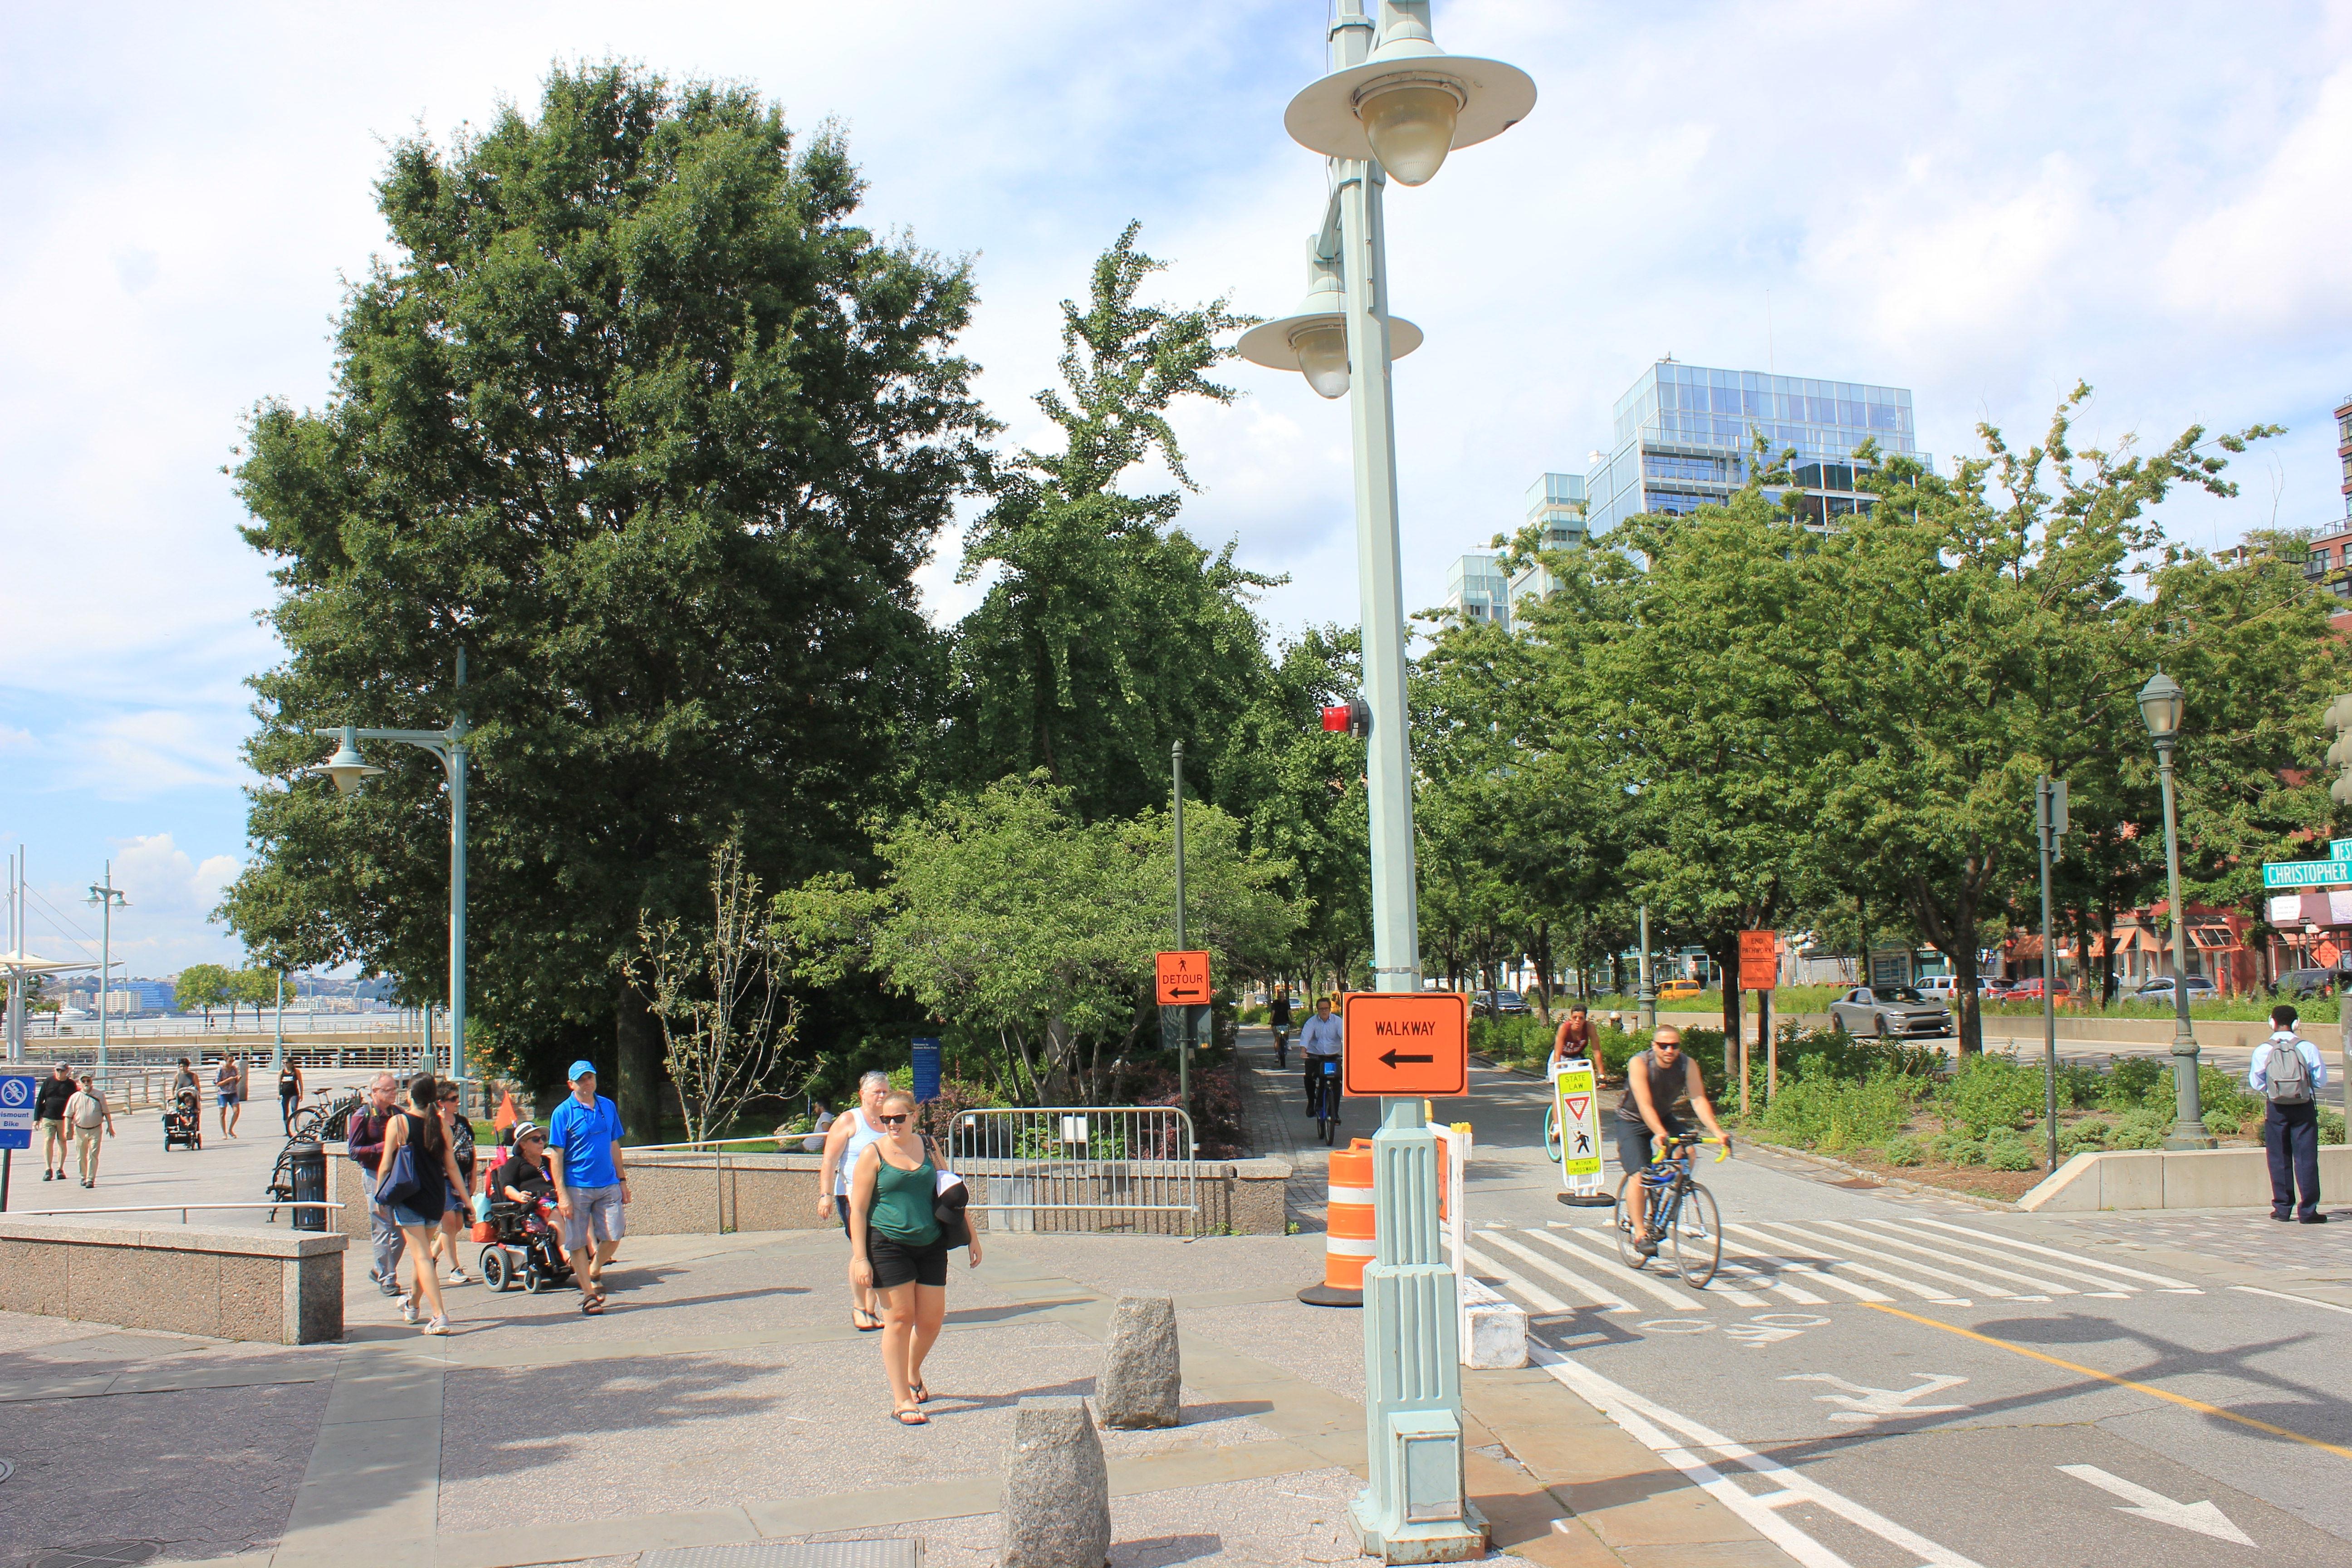 New York S Pedestrian Infrastructure Gets Even Better Liberal